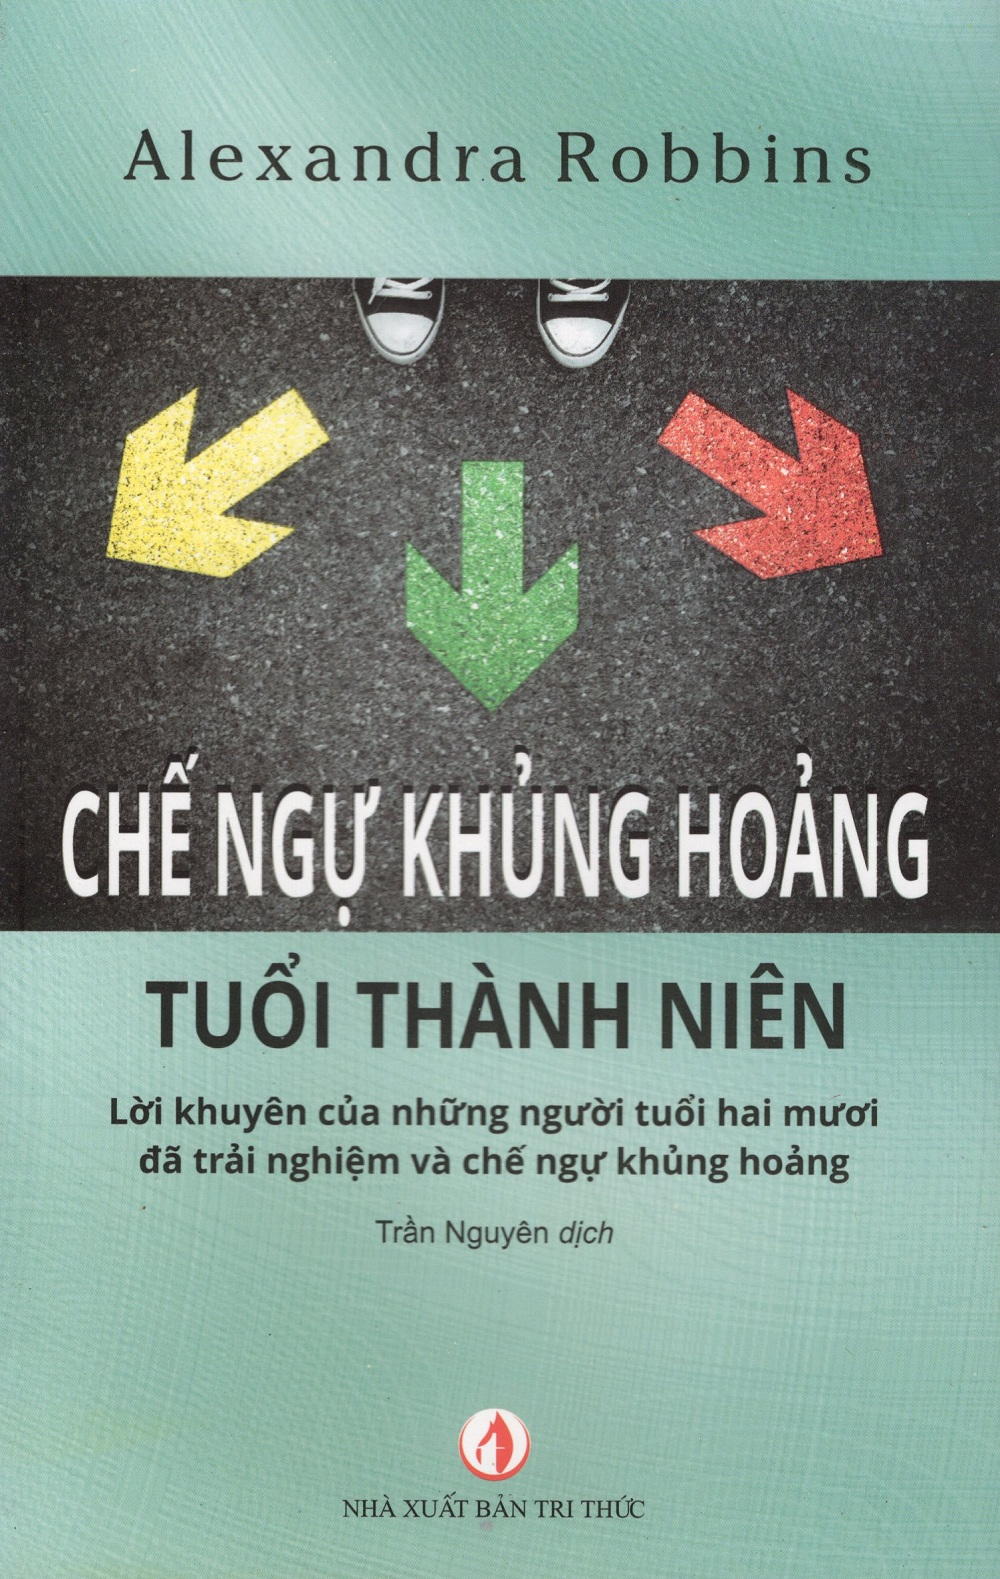 Chế Ngự Khủng Hoảng Tuổi Thành Niên - 9843717275726,62_5570693,100000,tiki.vn,Che-Ngu-Khung-Hoang-Tuoi-Thanh-Nien-62_5570693,Chế Ngự Khủng Hoảng Tuổi Thành Niên